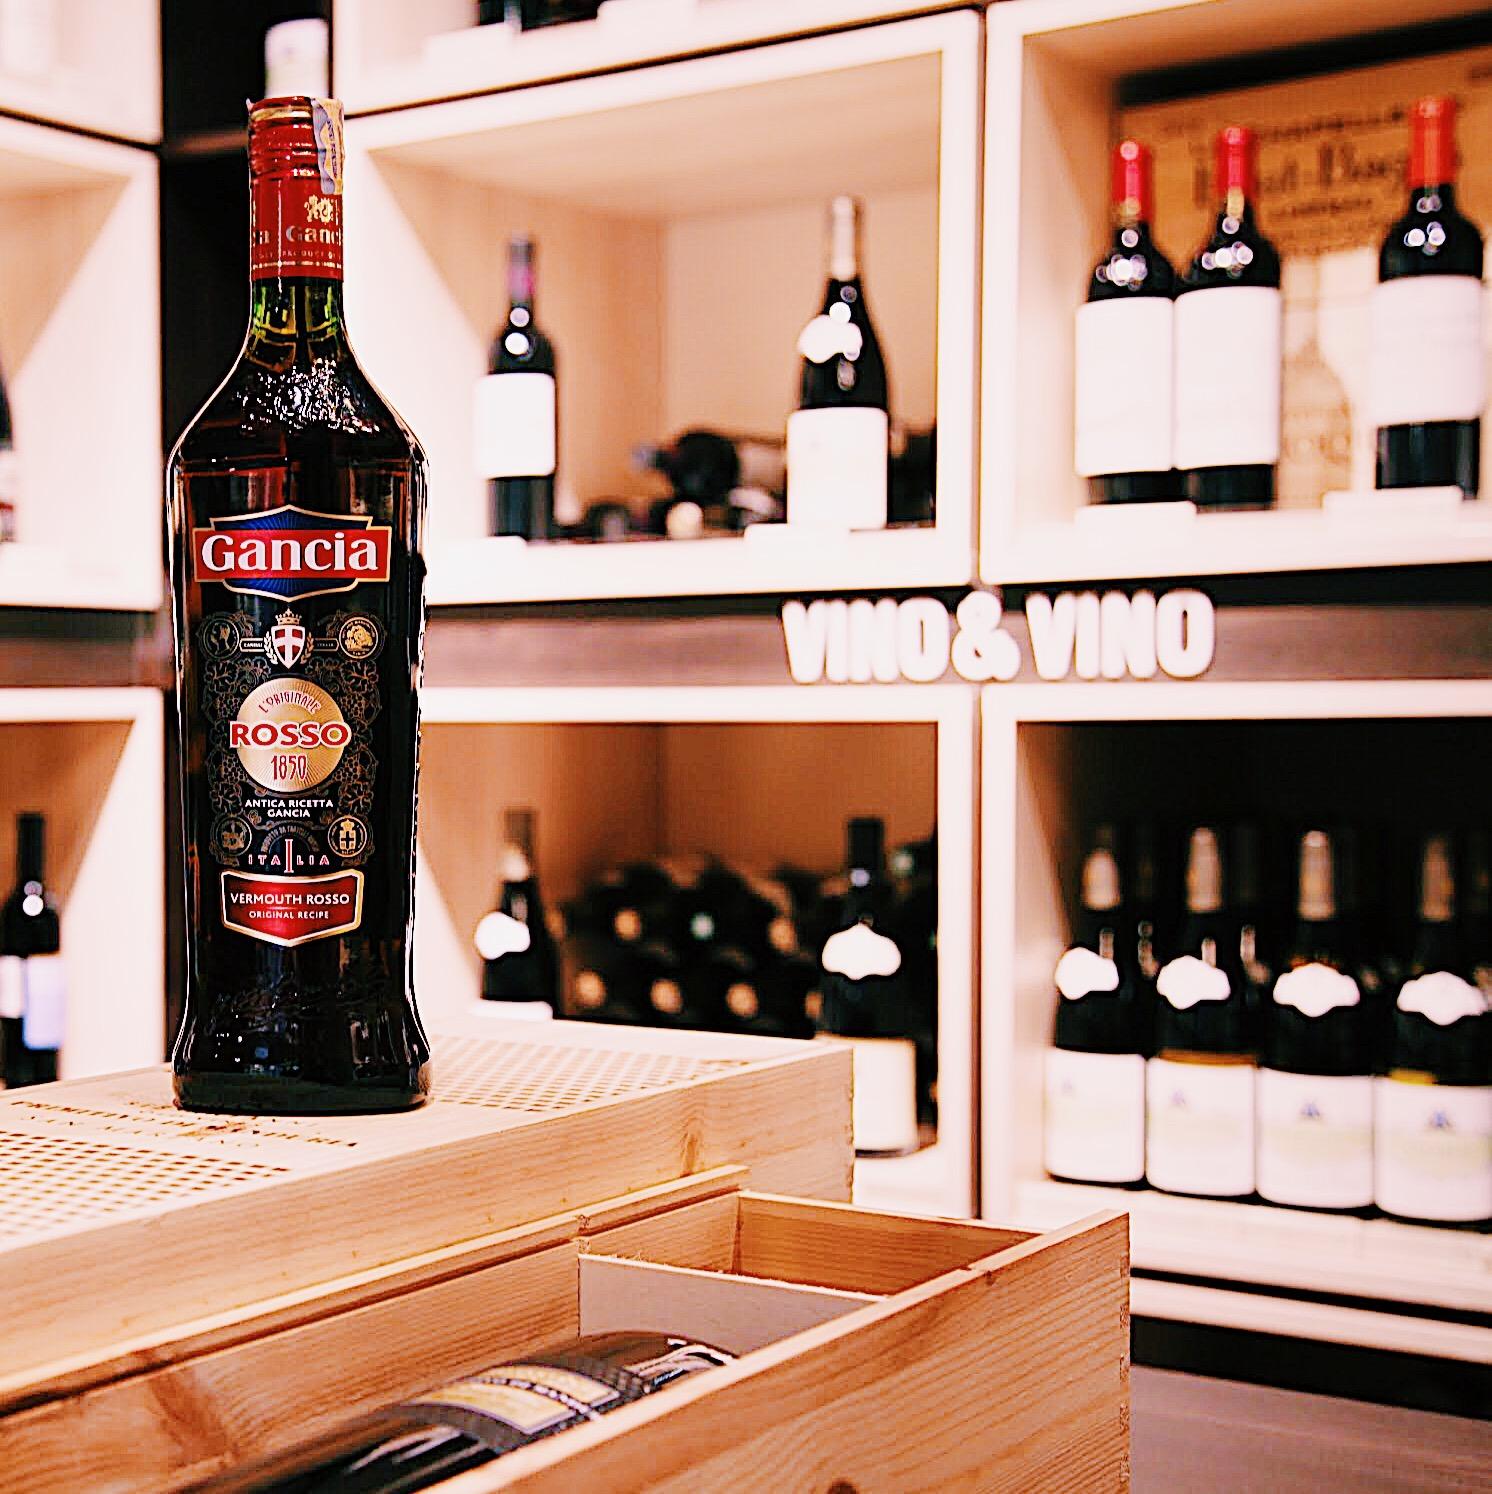 Gancia Vermouth Rosso